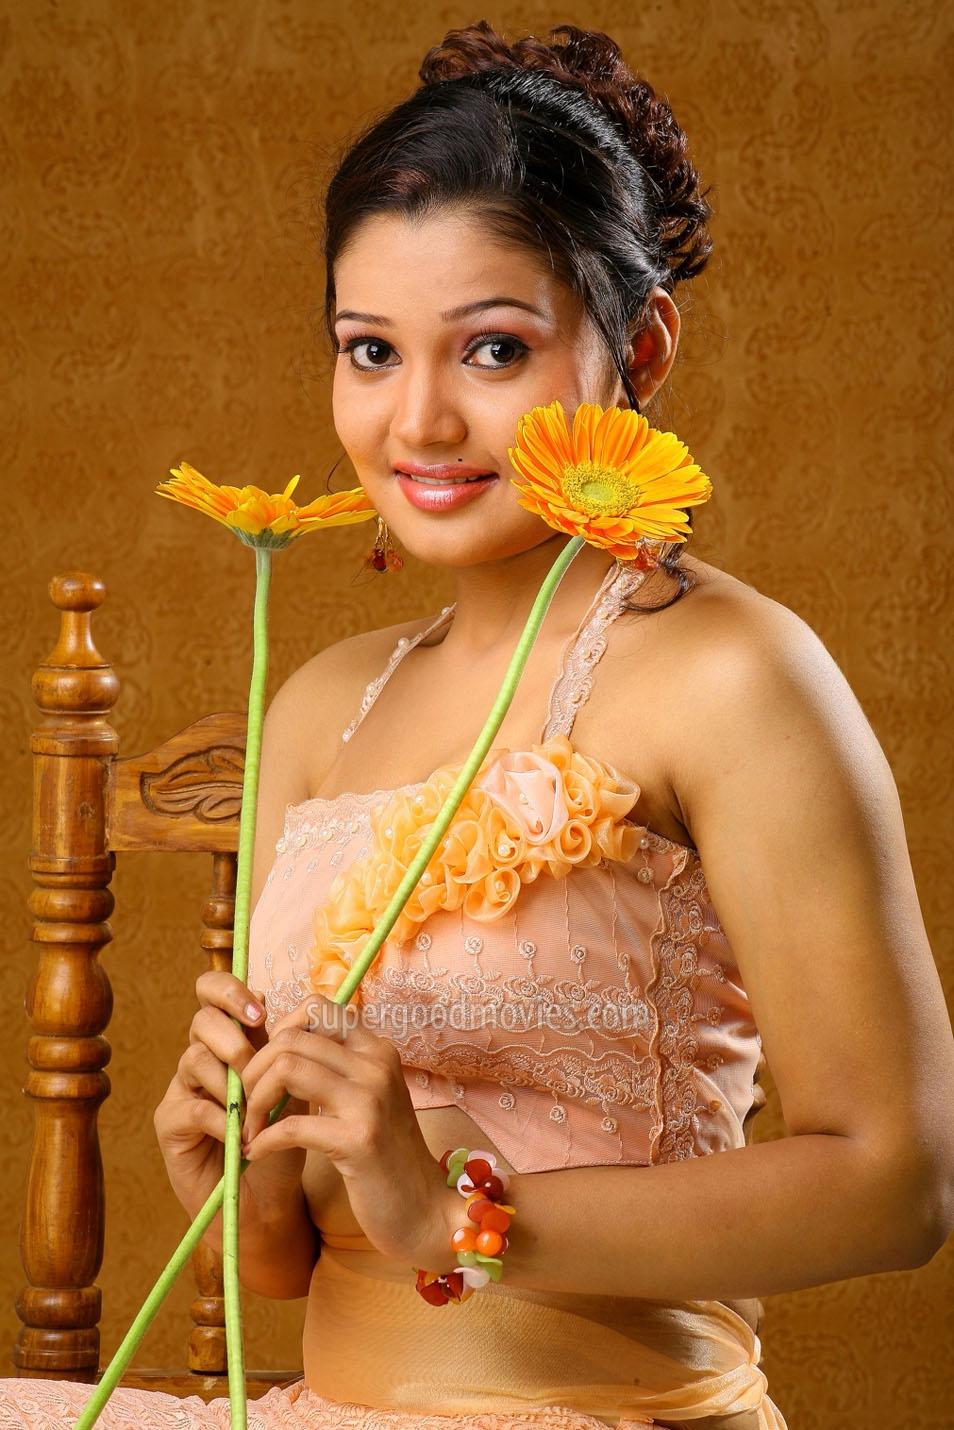 Indian Actress Red Saree Hot Photos Gallery|| Indian ...